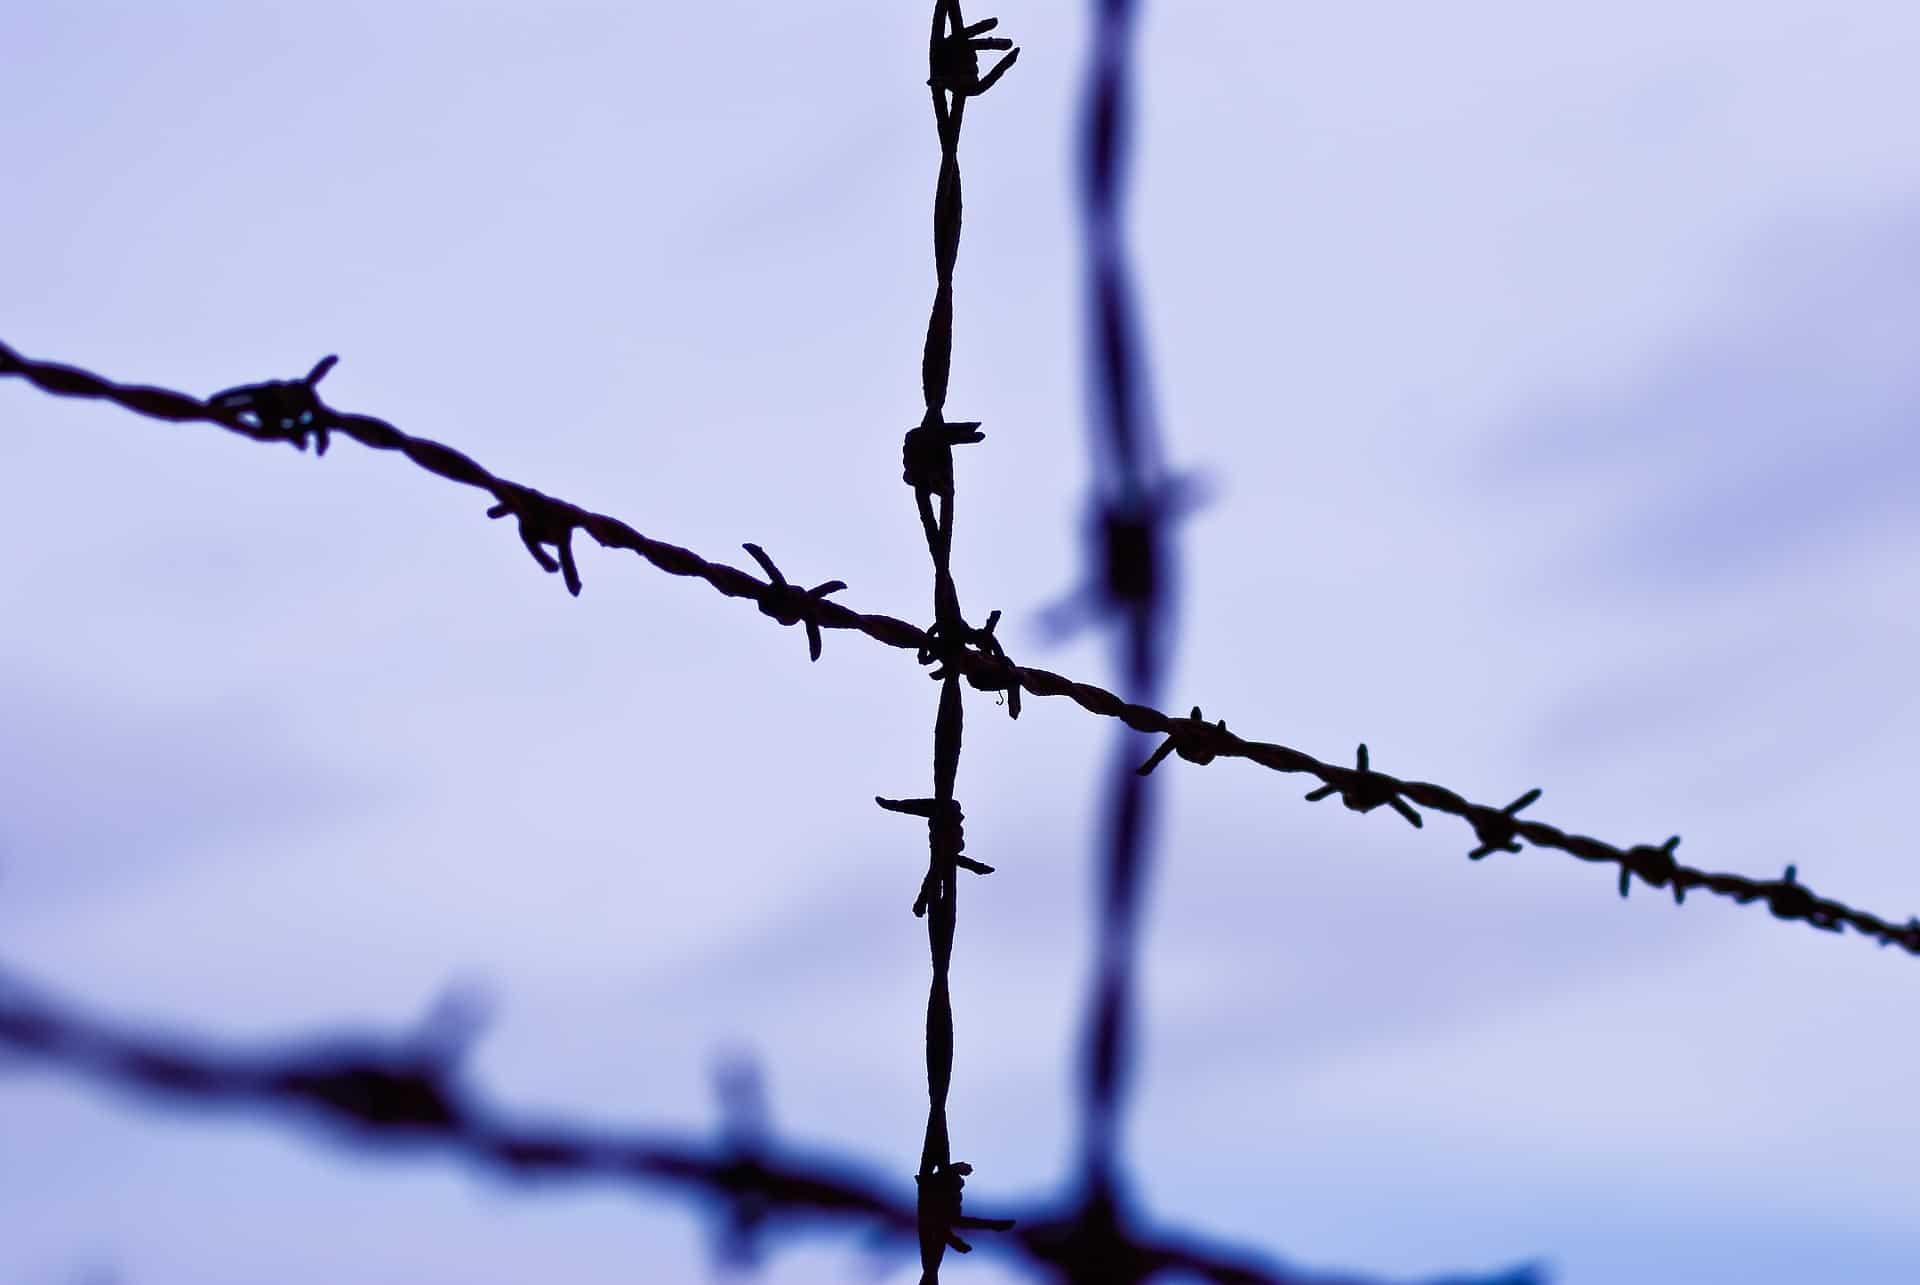 יצירות של הדור השני לשואה, צילום אילוסטרציה